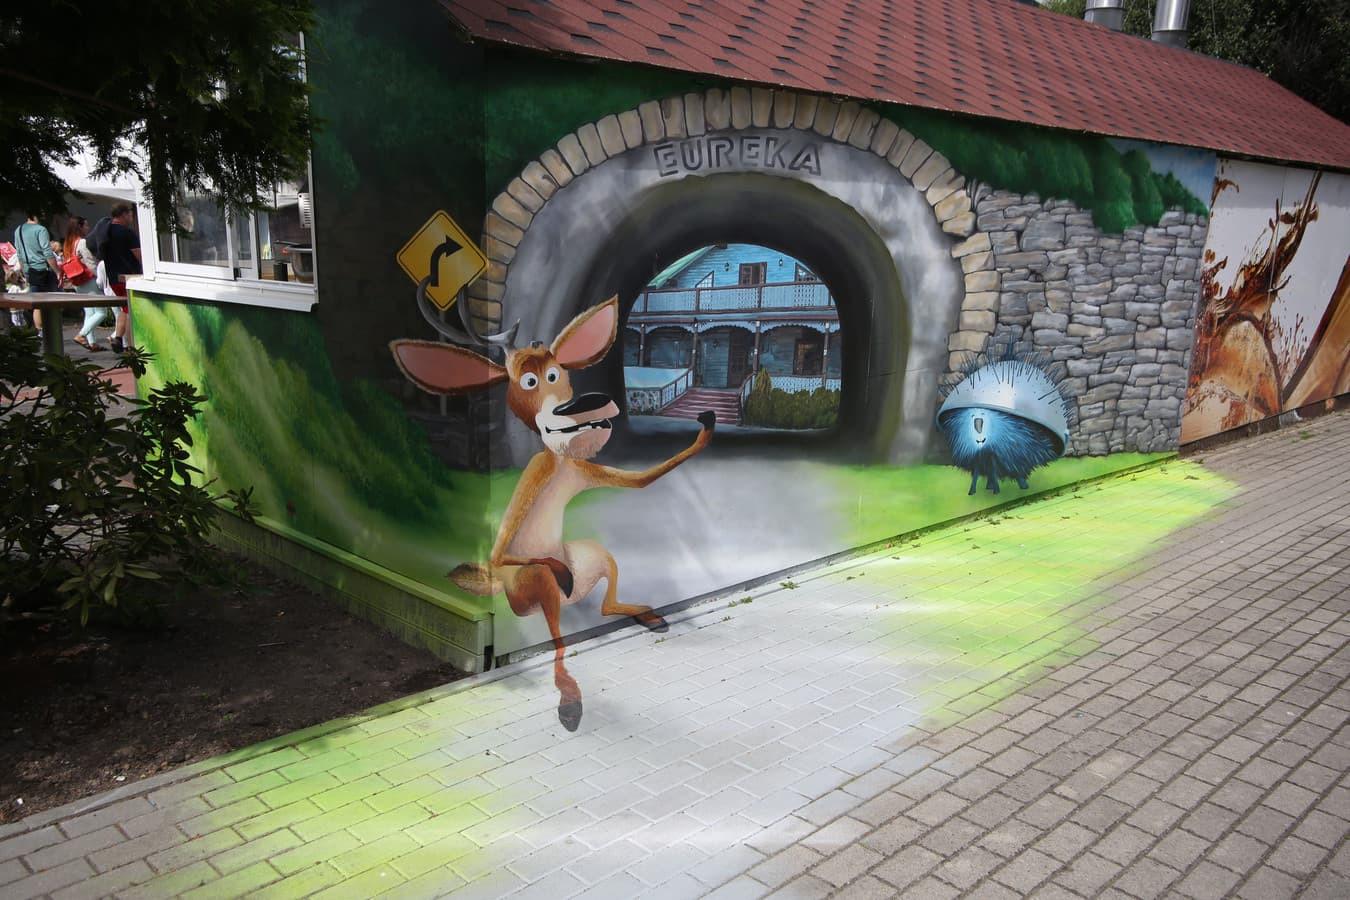 Lauko 3D iliuzija, Iliuzijų namas Eureka, Palanga